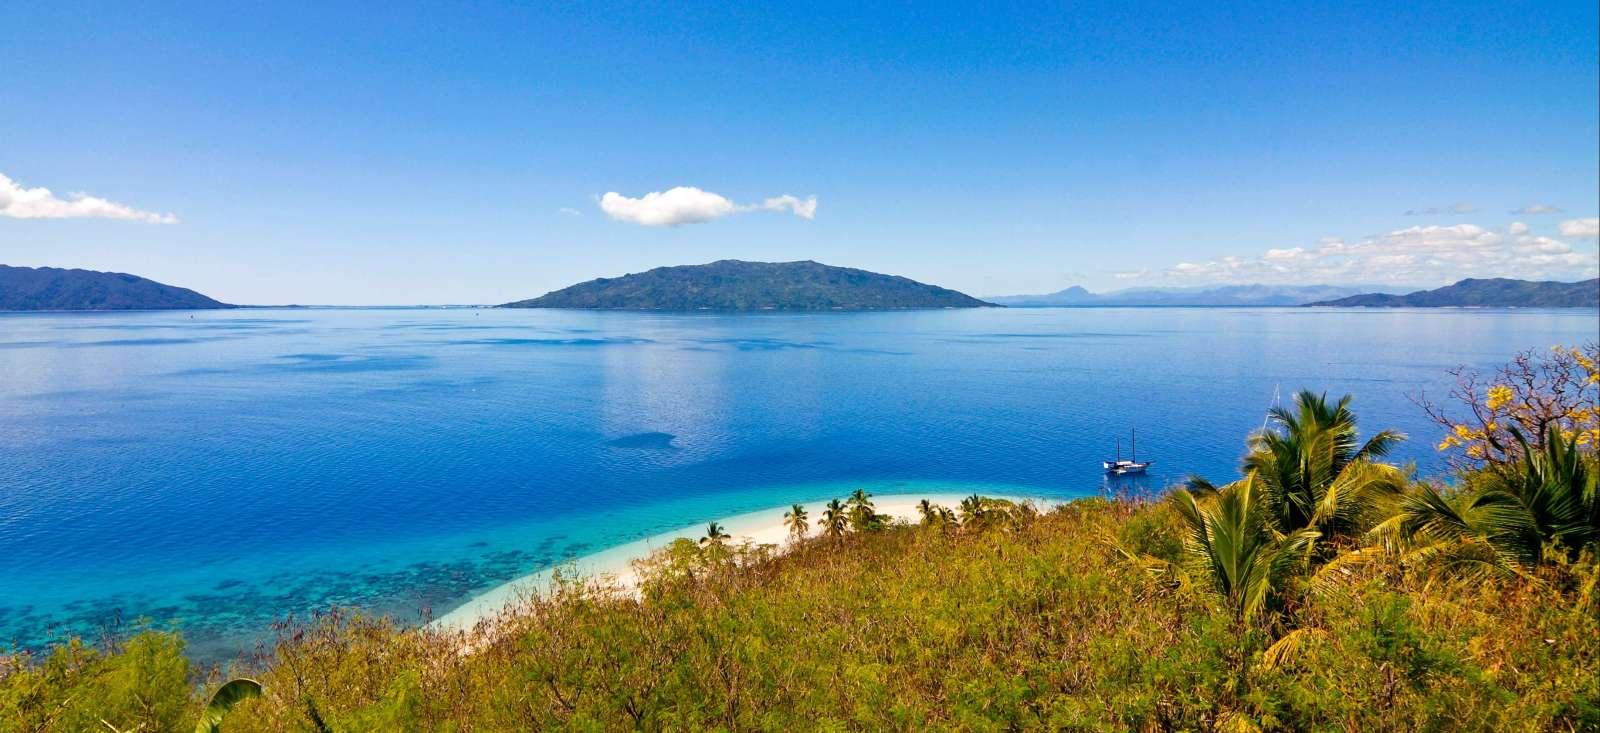 Voyage sur l'eau : Balade en voilier dans l\'archipel de Nose Be